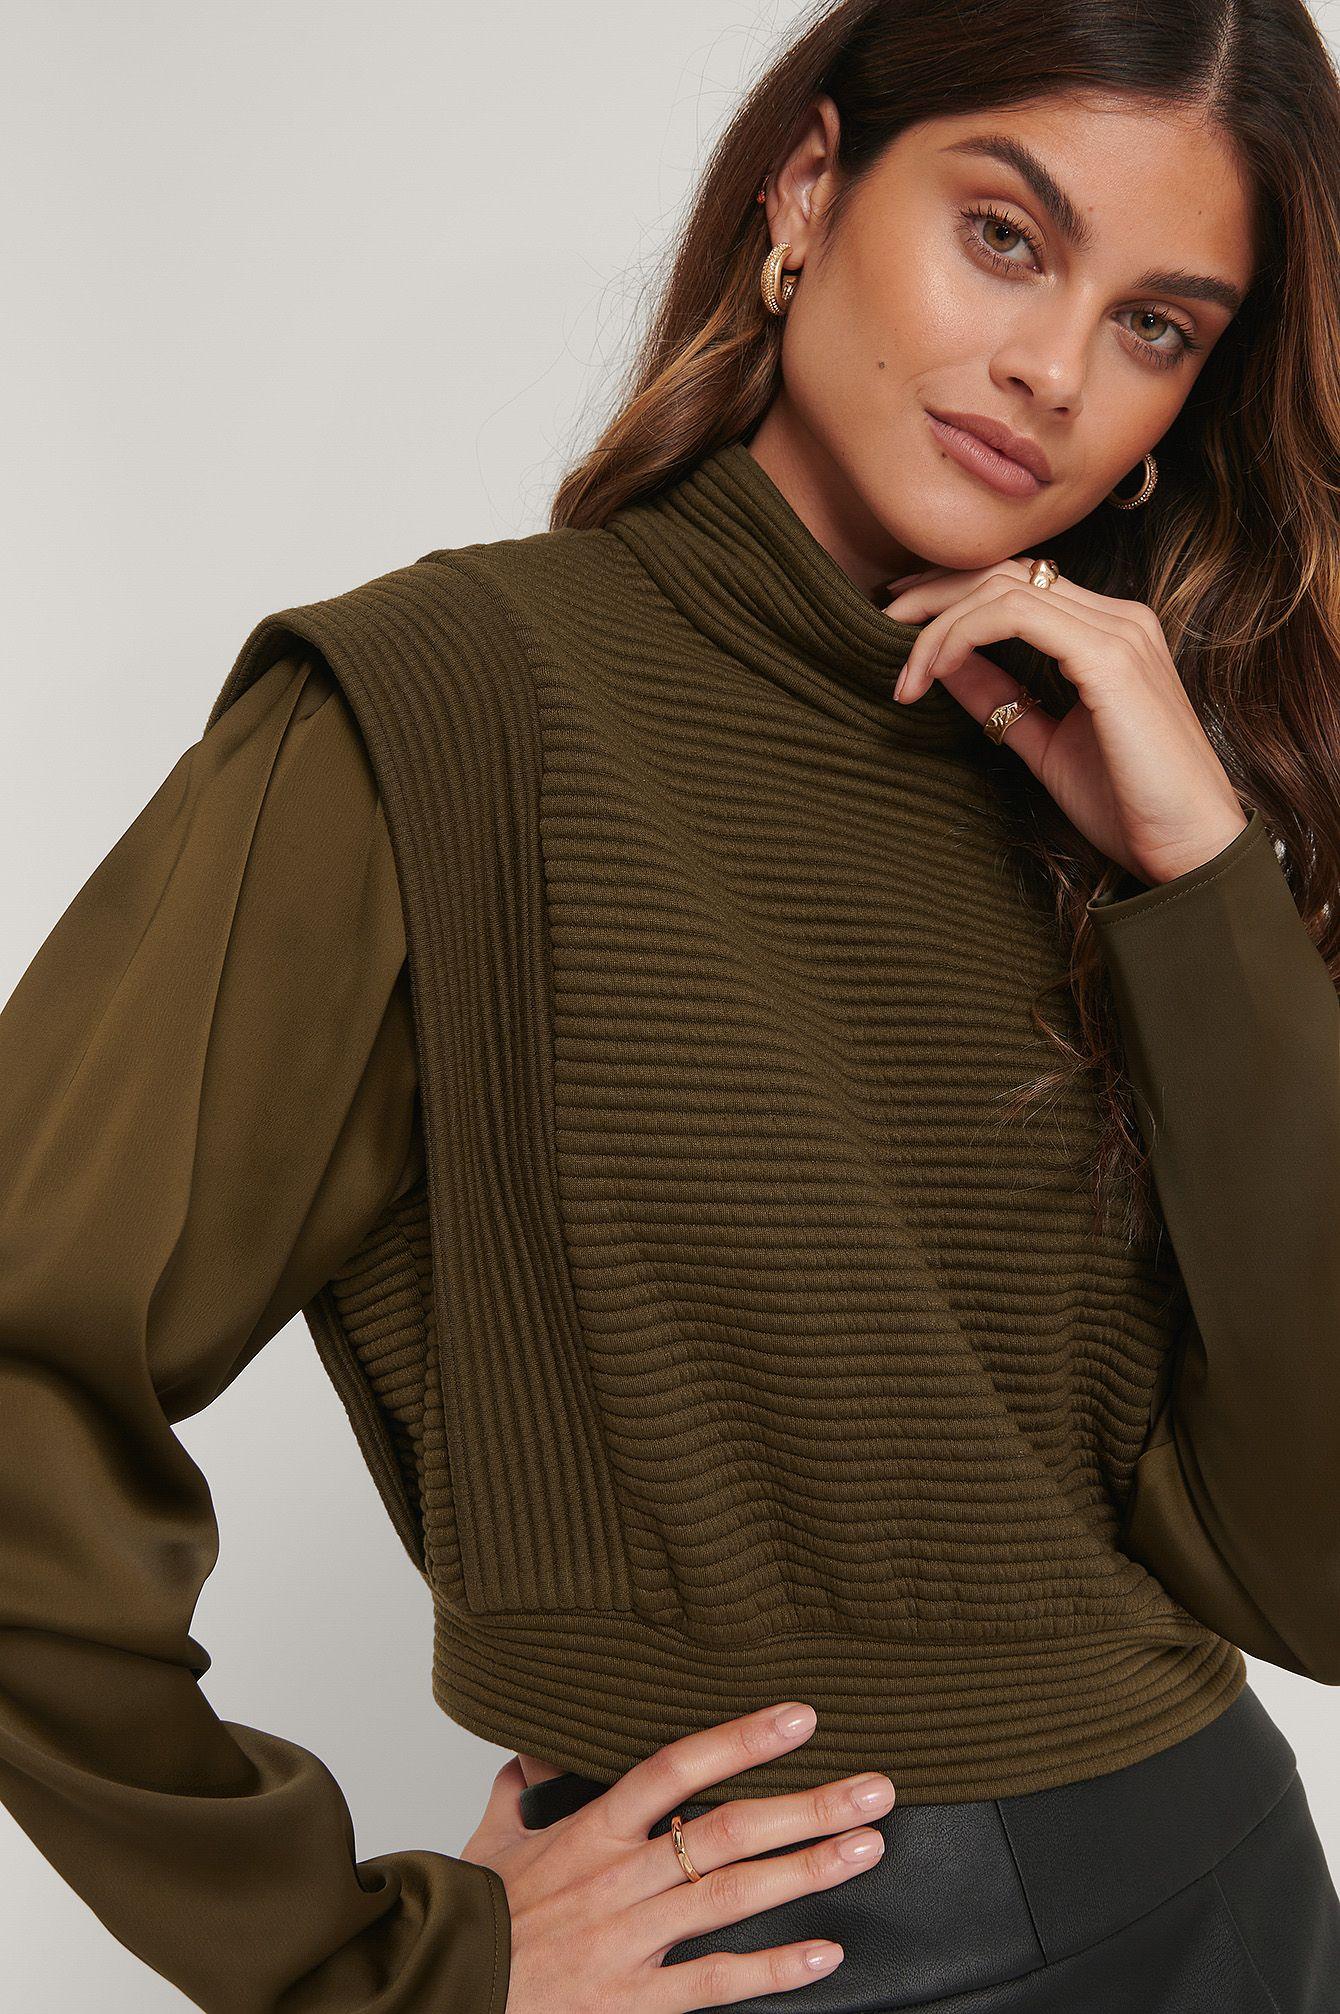 Dieser Pullover hat einen Rollkragen mit zwei Knopfverschlüssen auf der Rückseite, gesteppte Schultern, lange Ärmel aus Satin, ein strukturiertes, gestreiftes Muster mit einem elastischen unterem Saum, eine gemütliche Passform und eine abgeschnittene Länge. Passt perfekt zu deiner Boss-Stimmung.